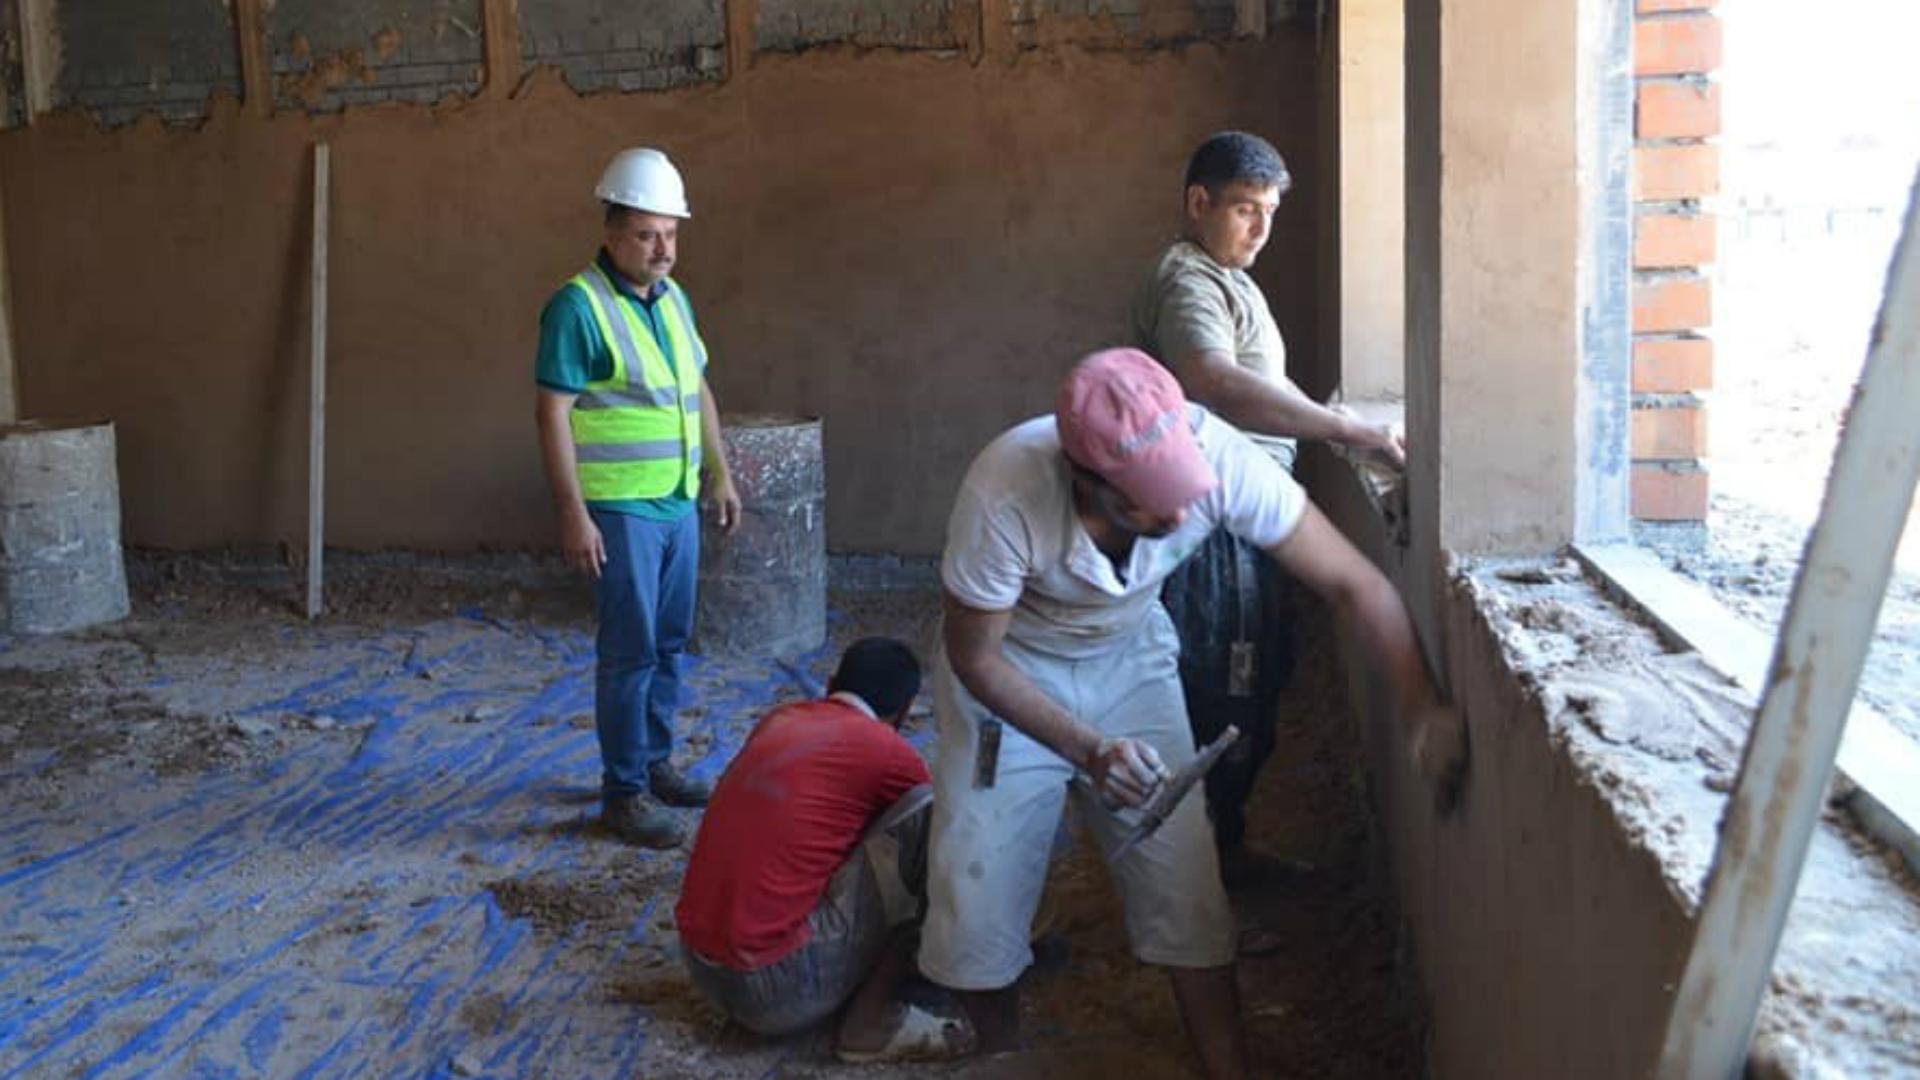 وزارة الإسكان تدرس مع البنك الدولي تمويل إعادة إعمار آلاف الوحدات السكنية